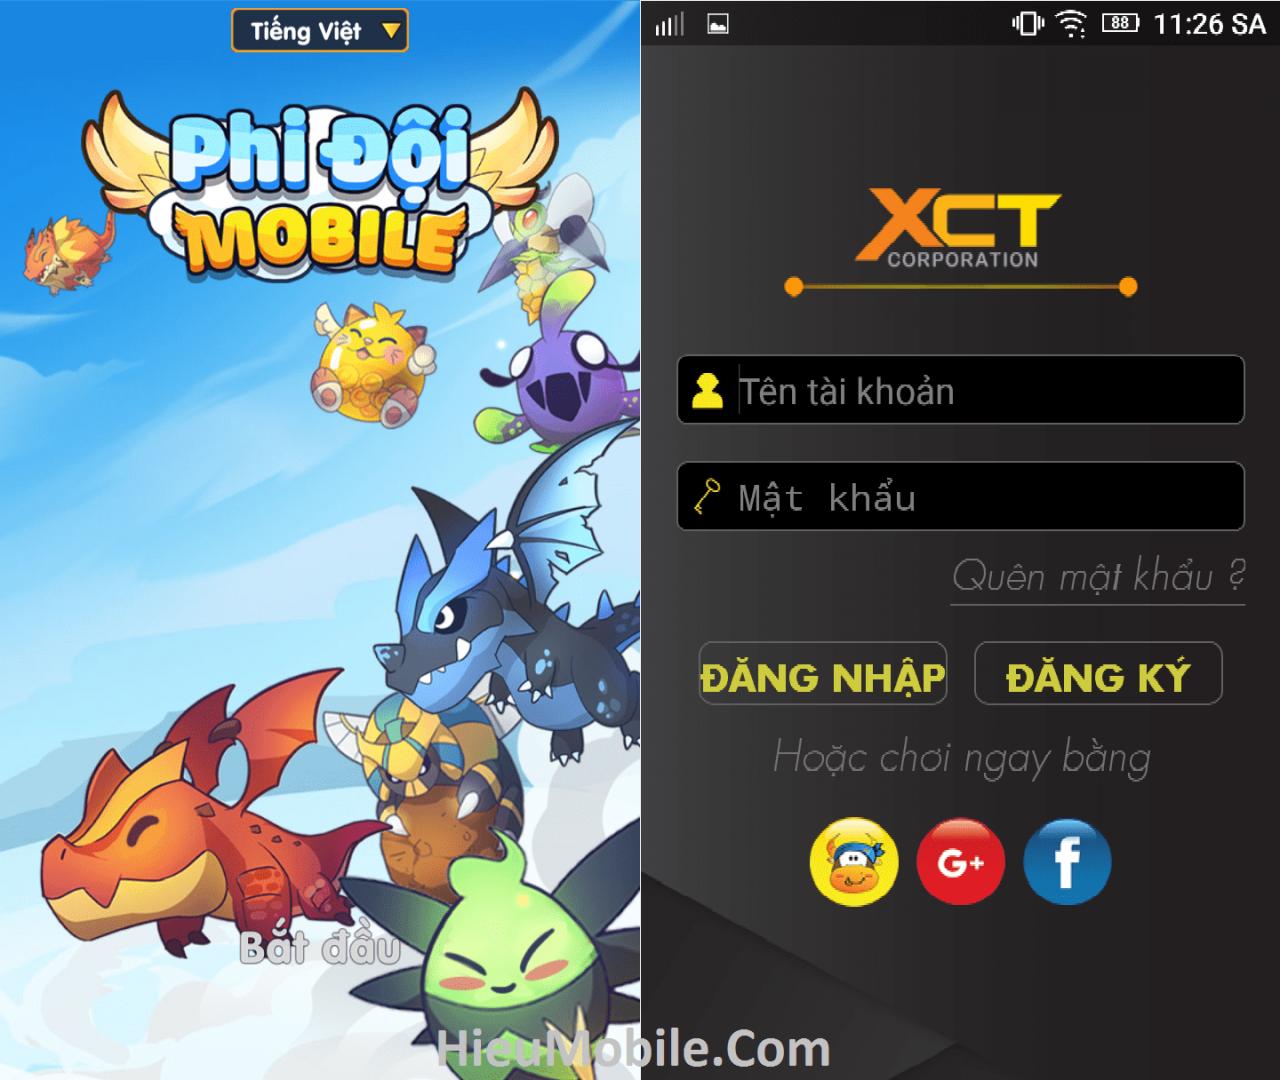 Hình ảnh oChmG0u 1 của Tải game Phi Đội Mobile - Bay bắn thú cưng hấp dẫn tại HieuMobile